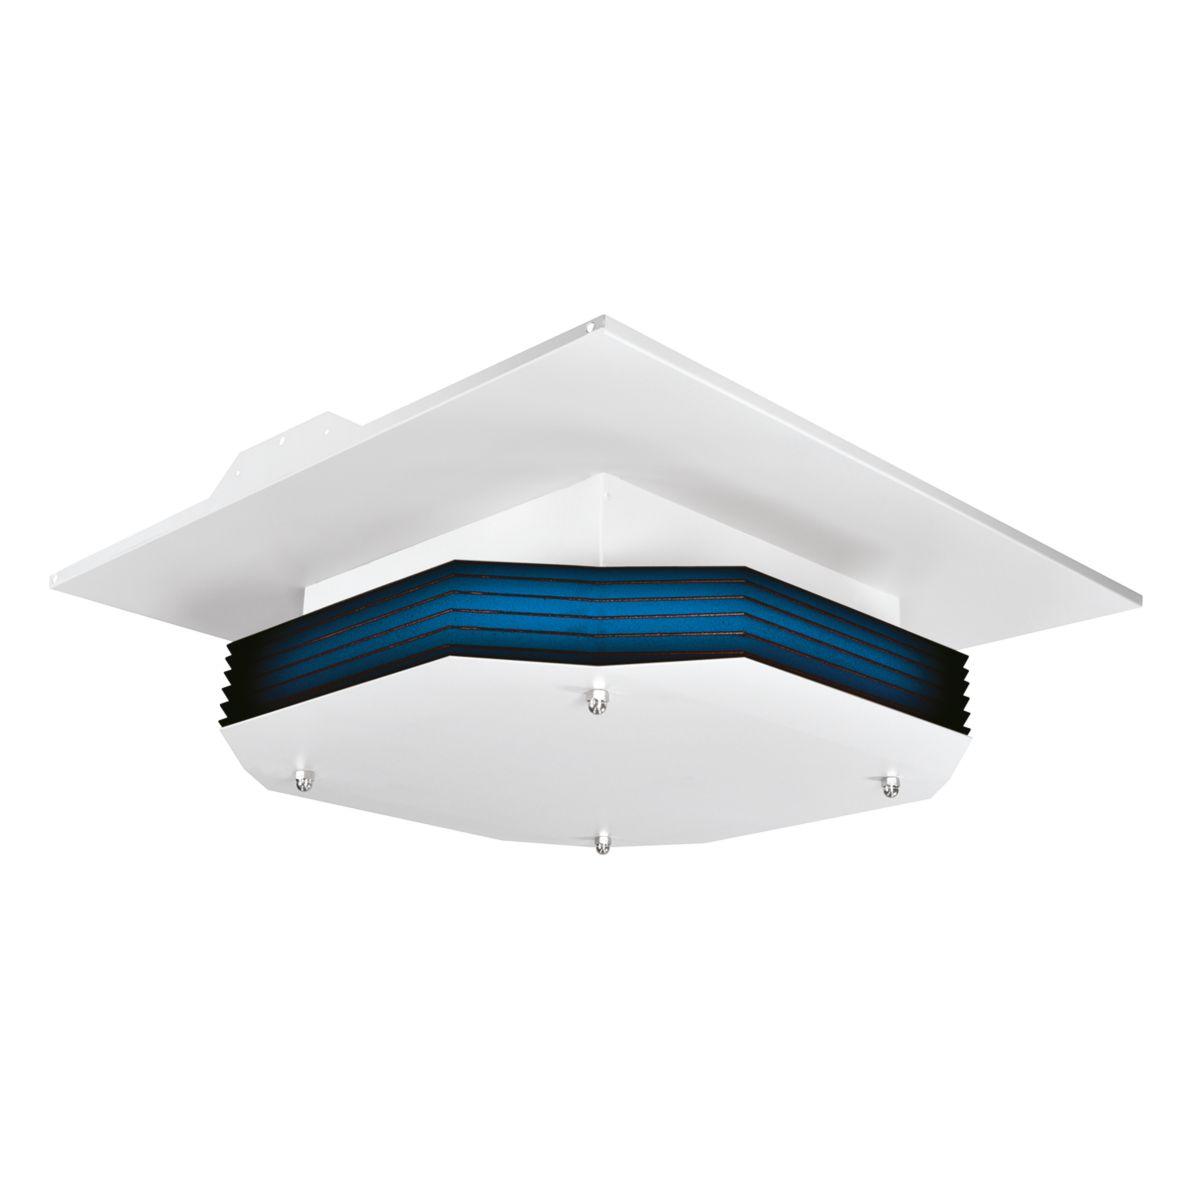 GAC Germicidal UV Air Ceiling Mount